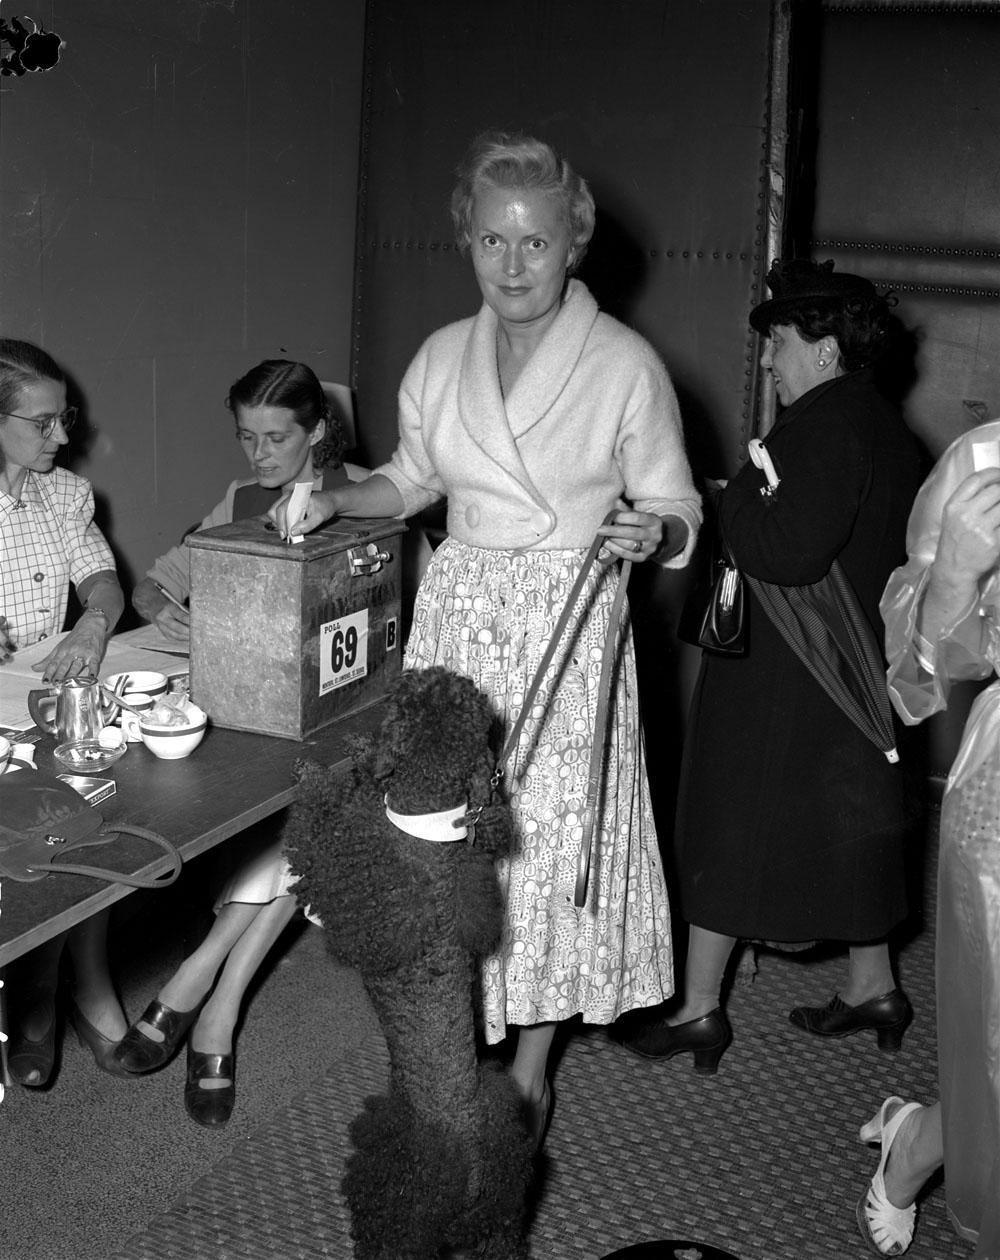 Photo noir et blanc d'une femme souriante, tenant son chien en laisse et déposant son bulletin de vote dans une boîte de scrutin. À l'arrière-plan, d'autres femmes attendent pour voter, tandis que deux femmes vérifient la liste électorale.